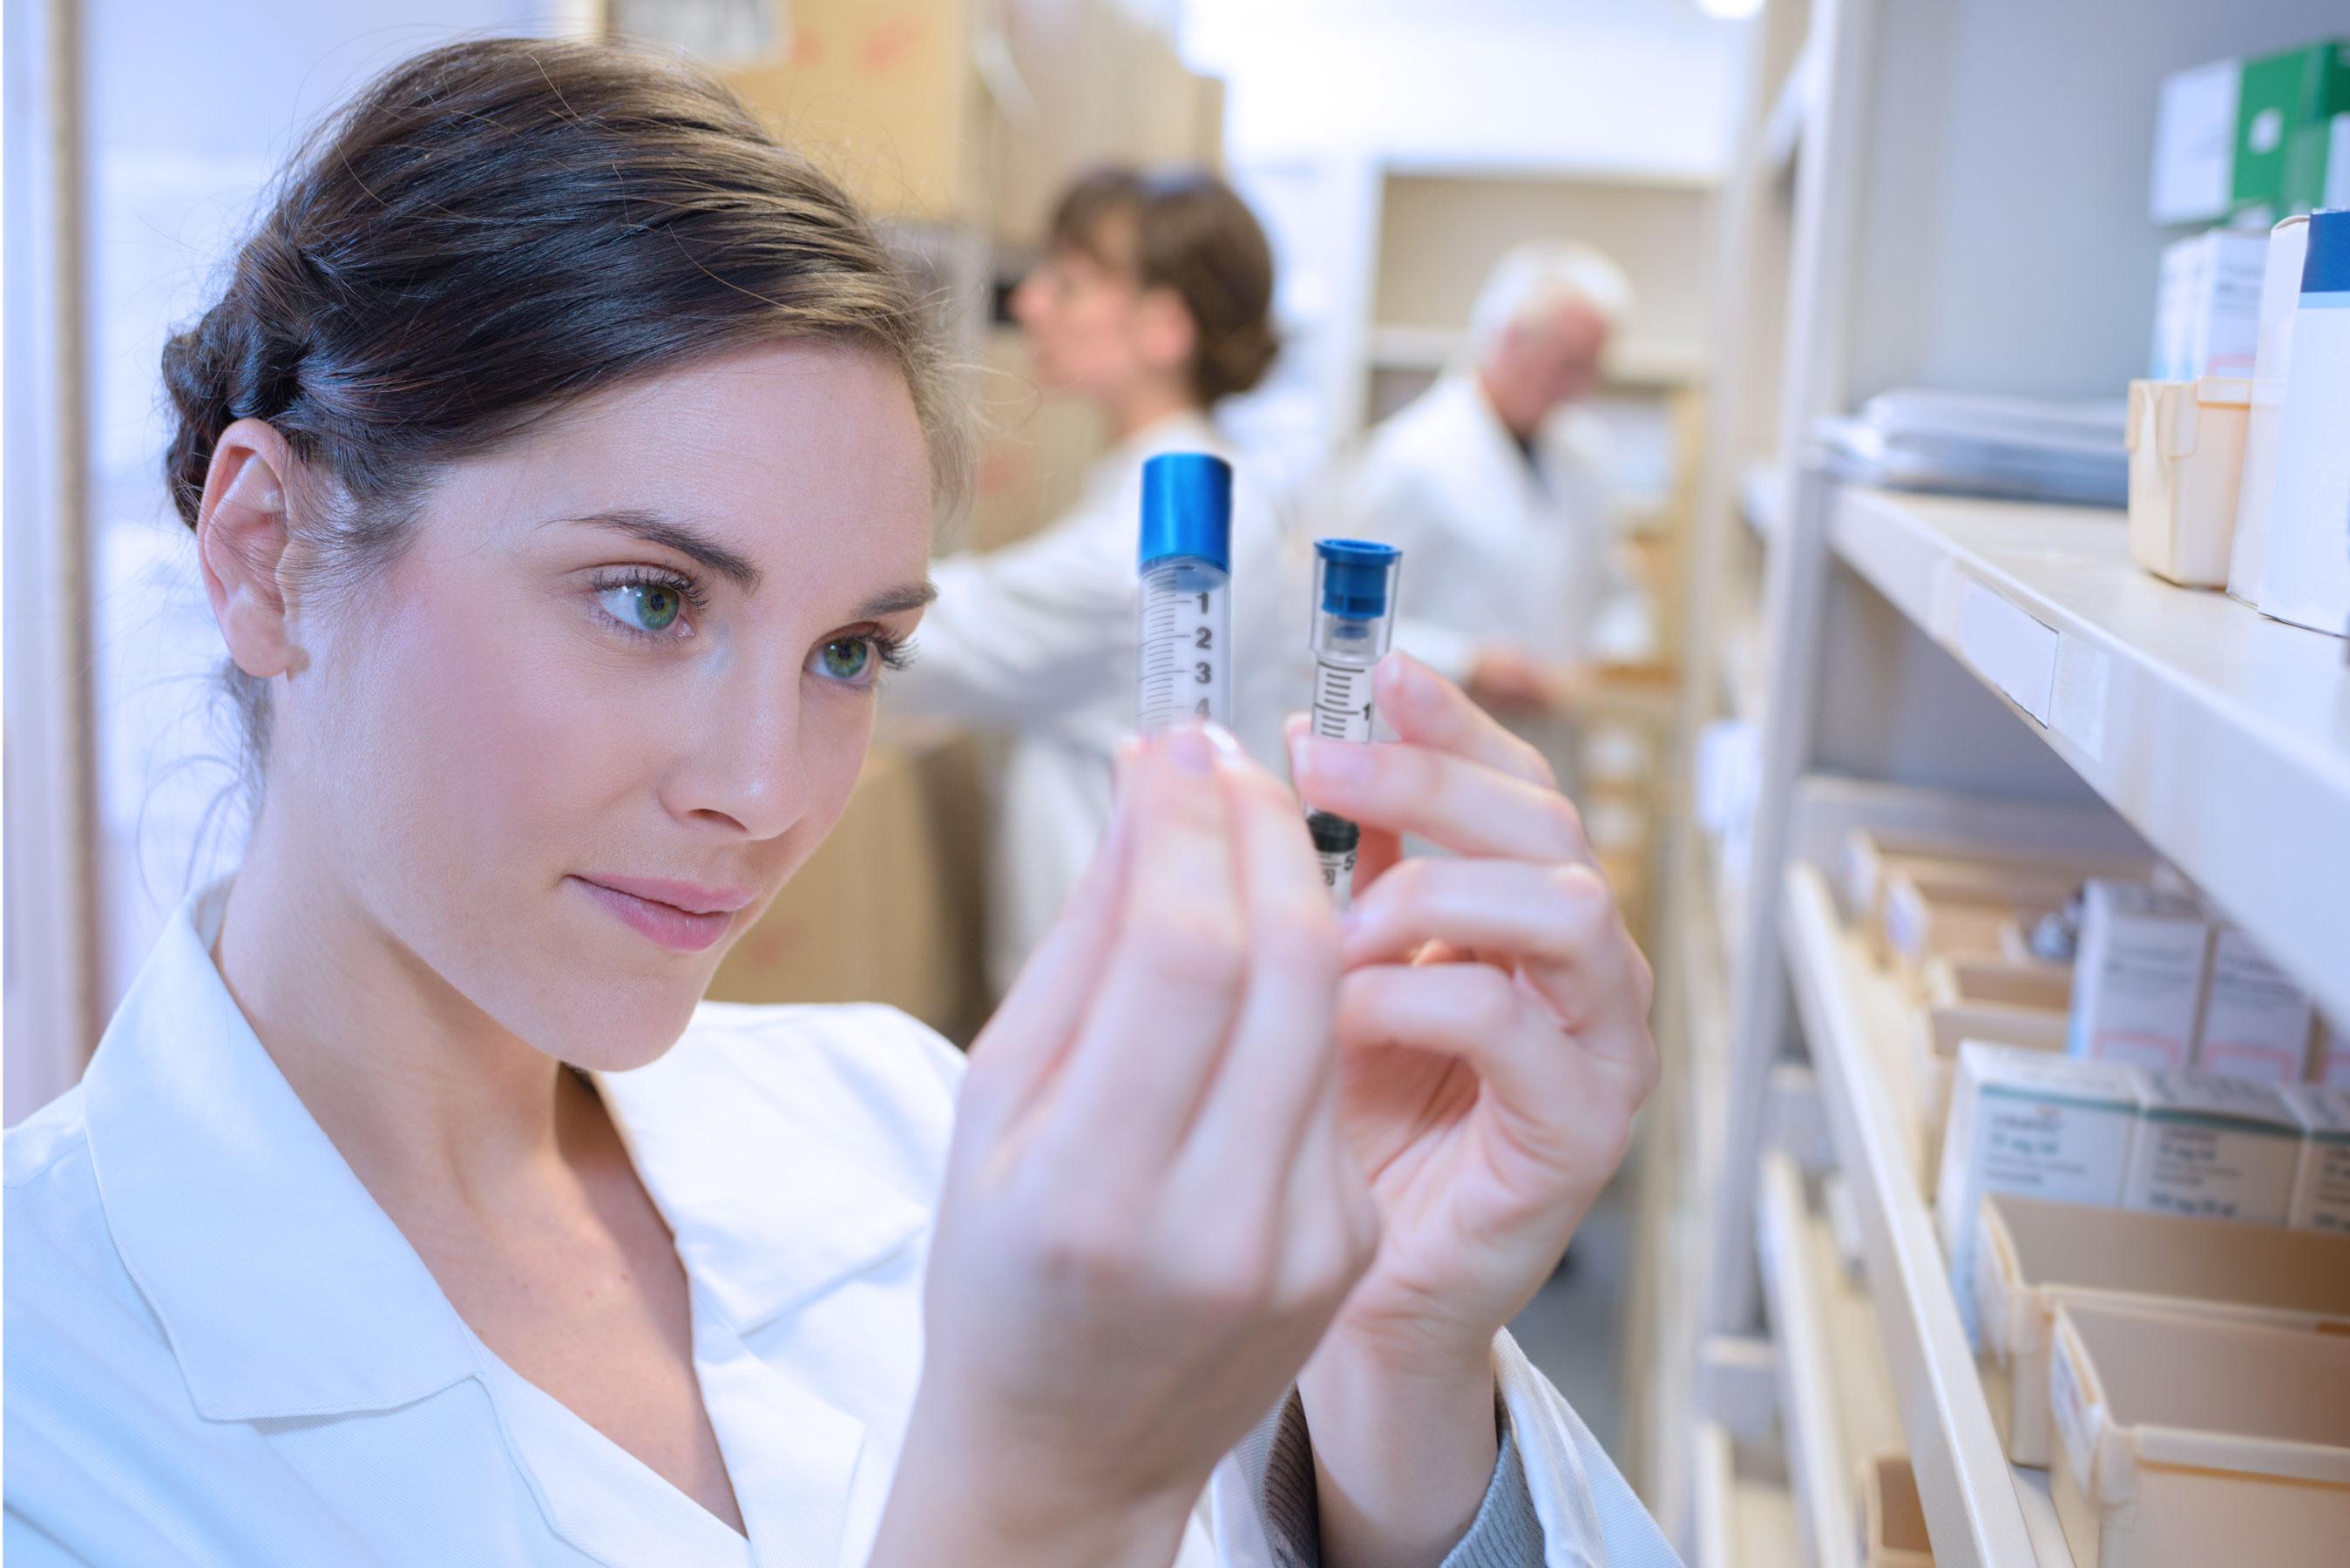 Prep-Lock Tamper Evident Syringe Cap for IV Syringes